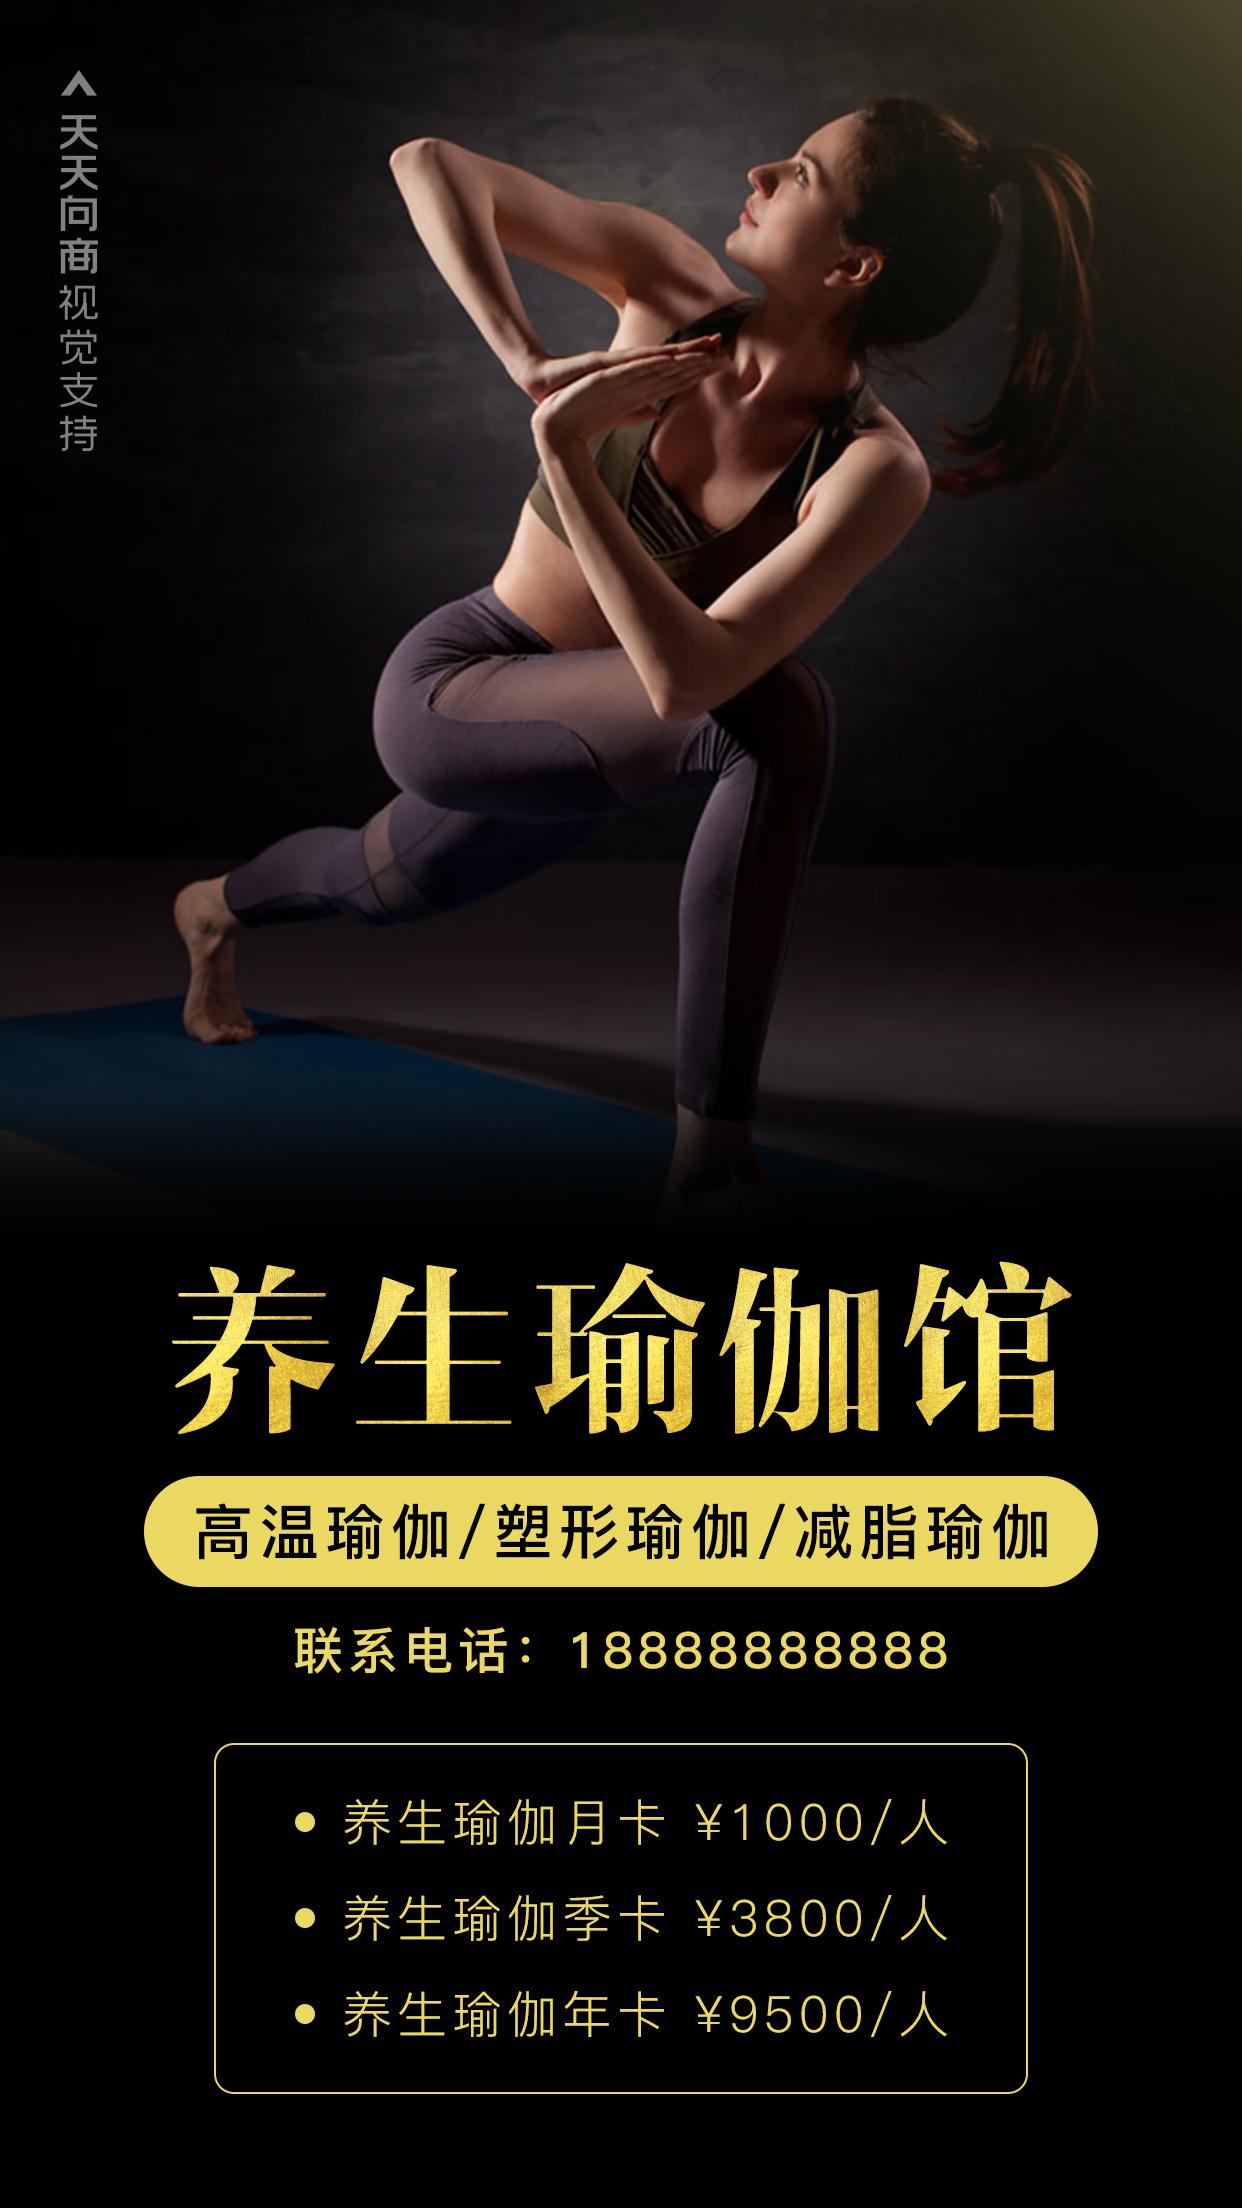 养生瑜伽馆会员卡深色简约海报